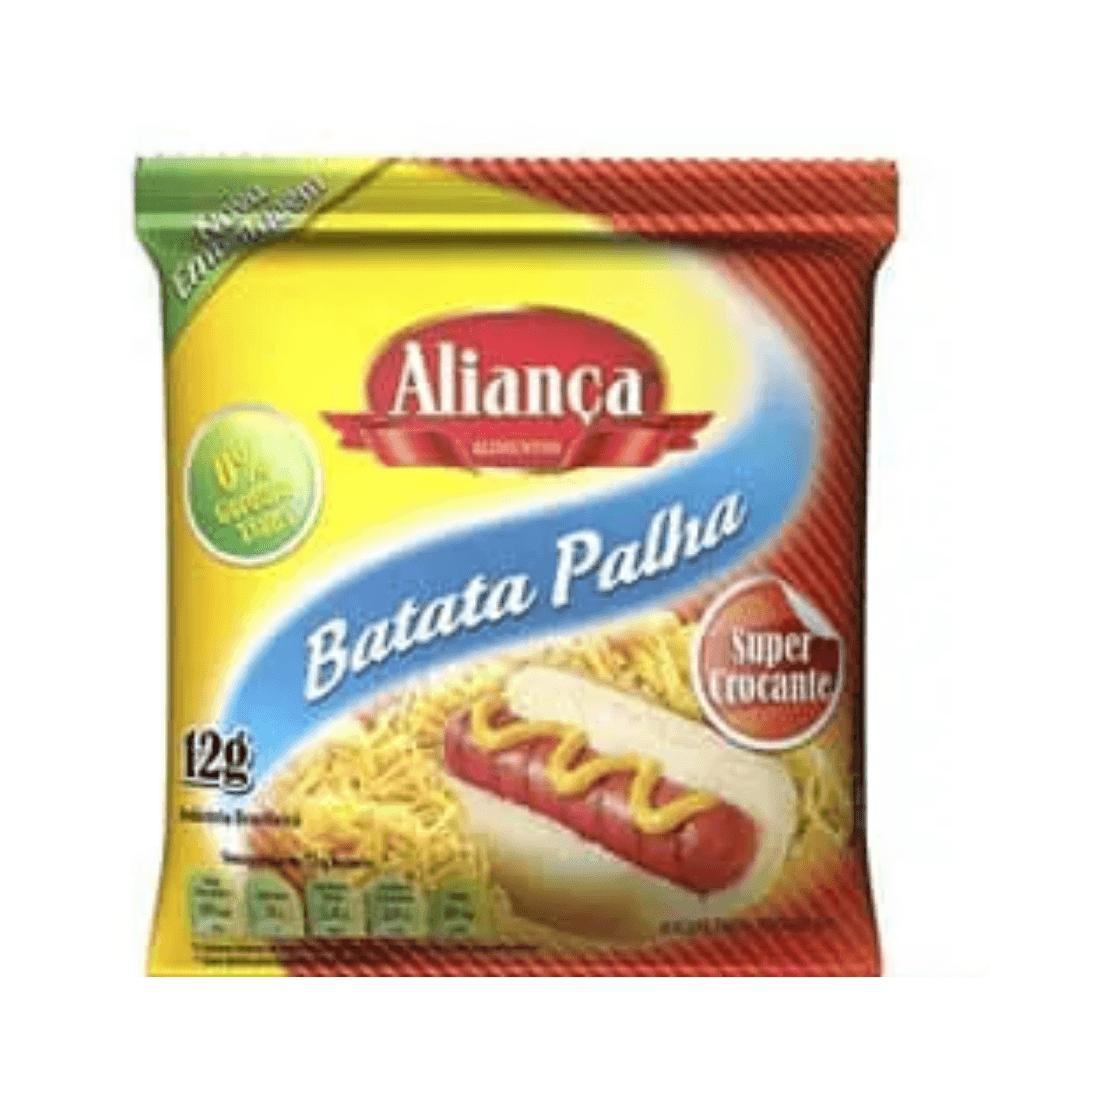 BATATA PALHA ALIANÇA SACHÊ 12G CAIXA 250 UNIDADES